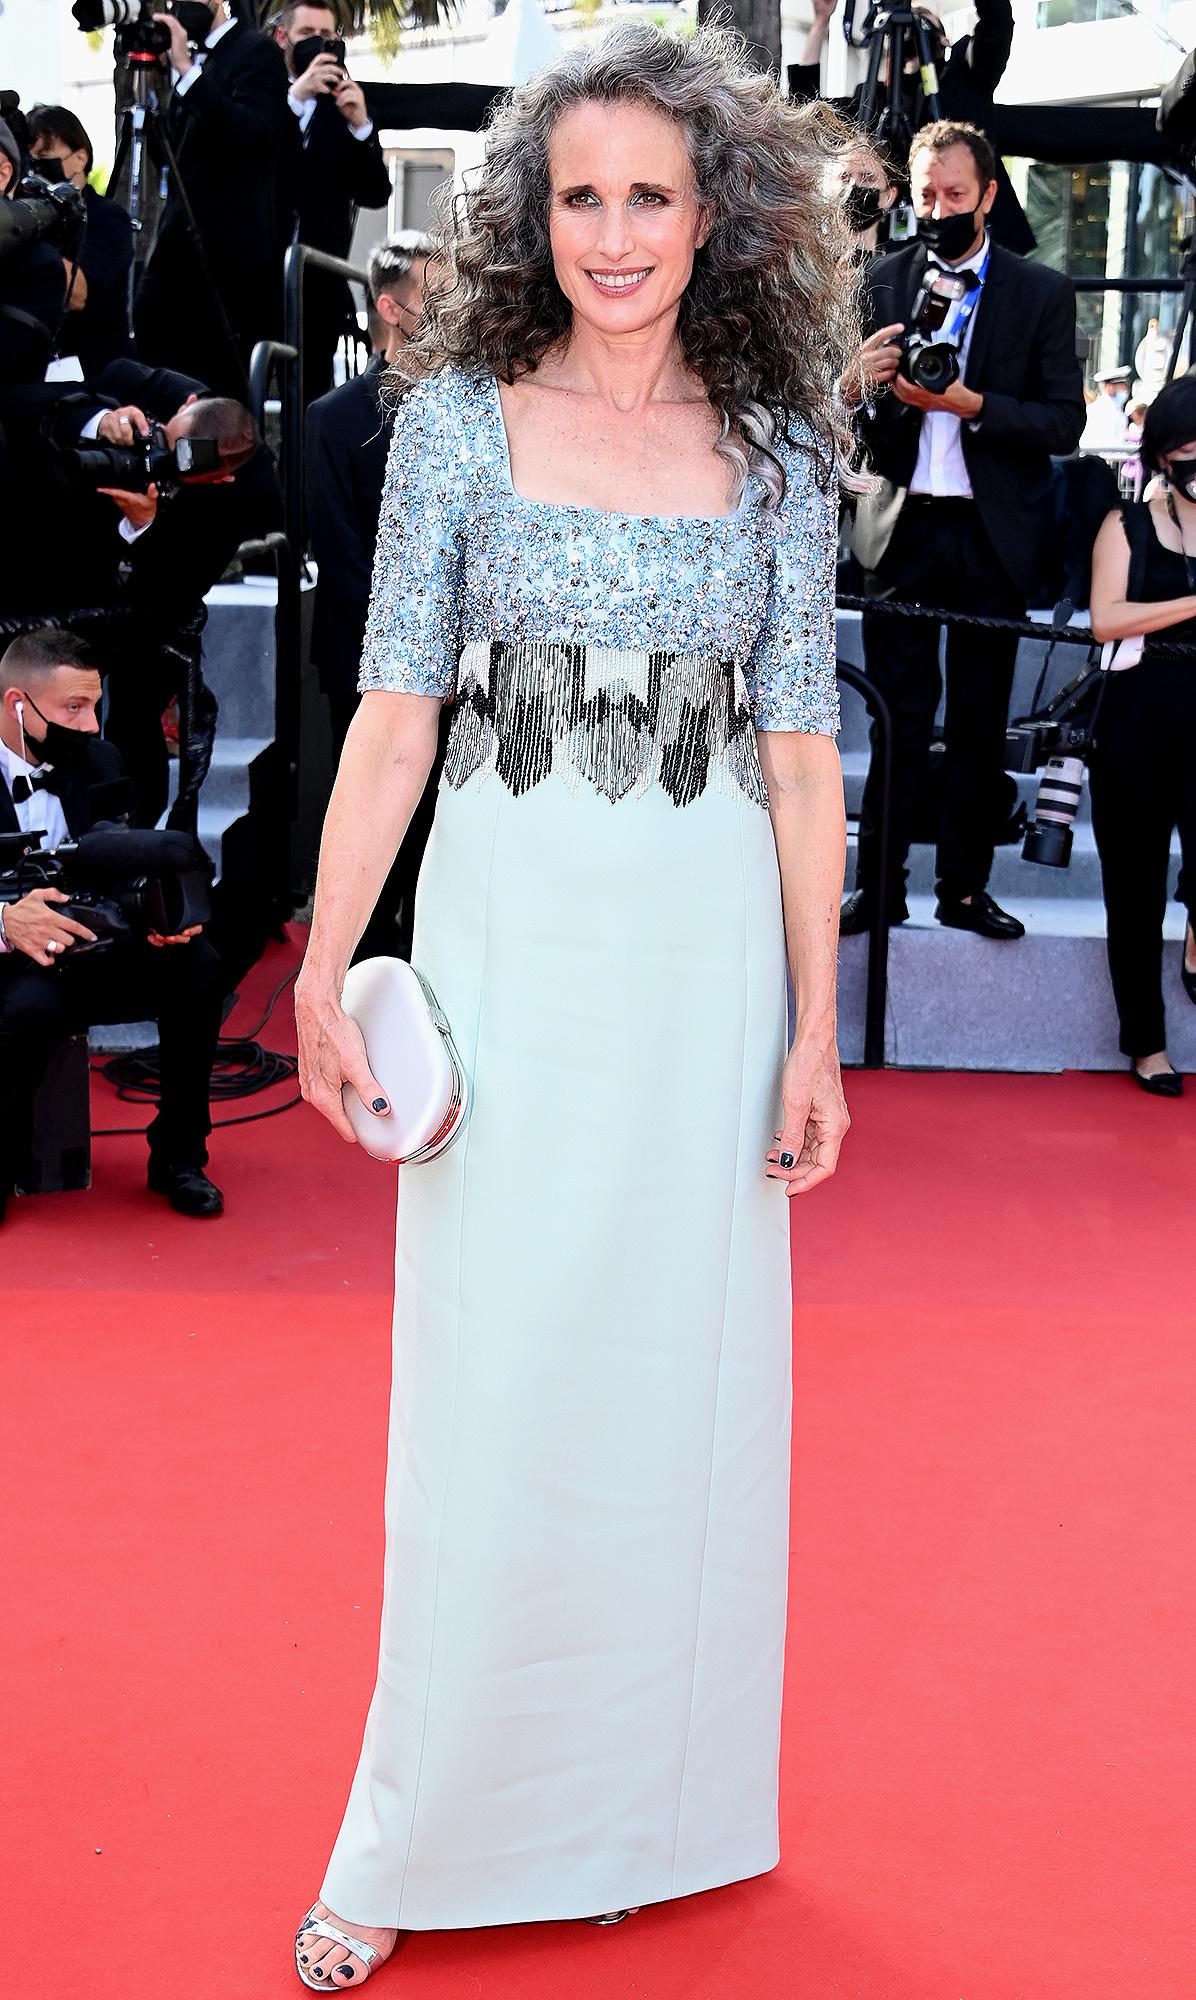 Siêu mẫu Candice Swanepoel diện đồ táo bạo trên thảm đỏ Cannes